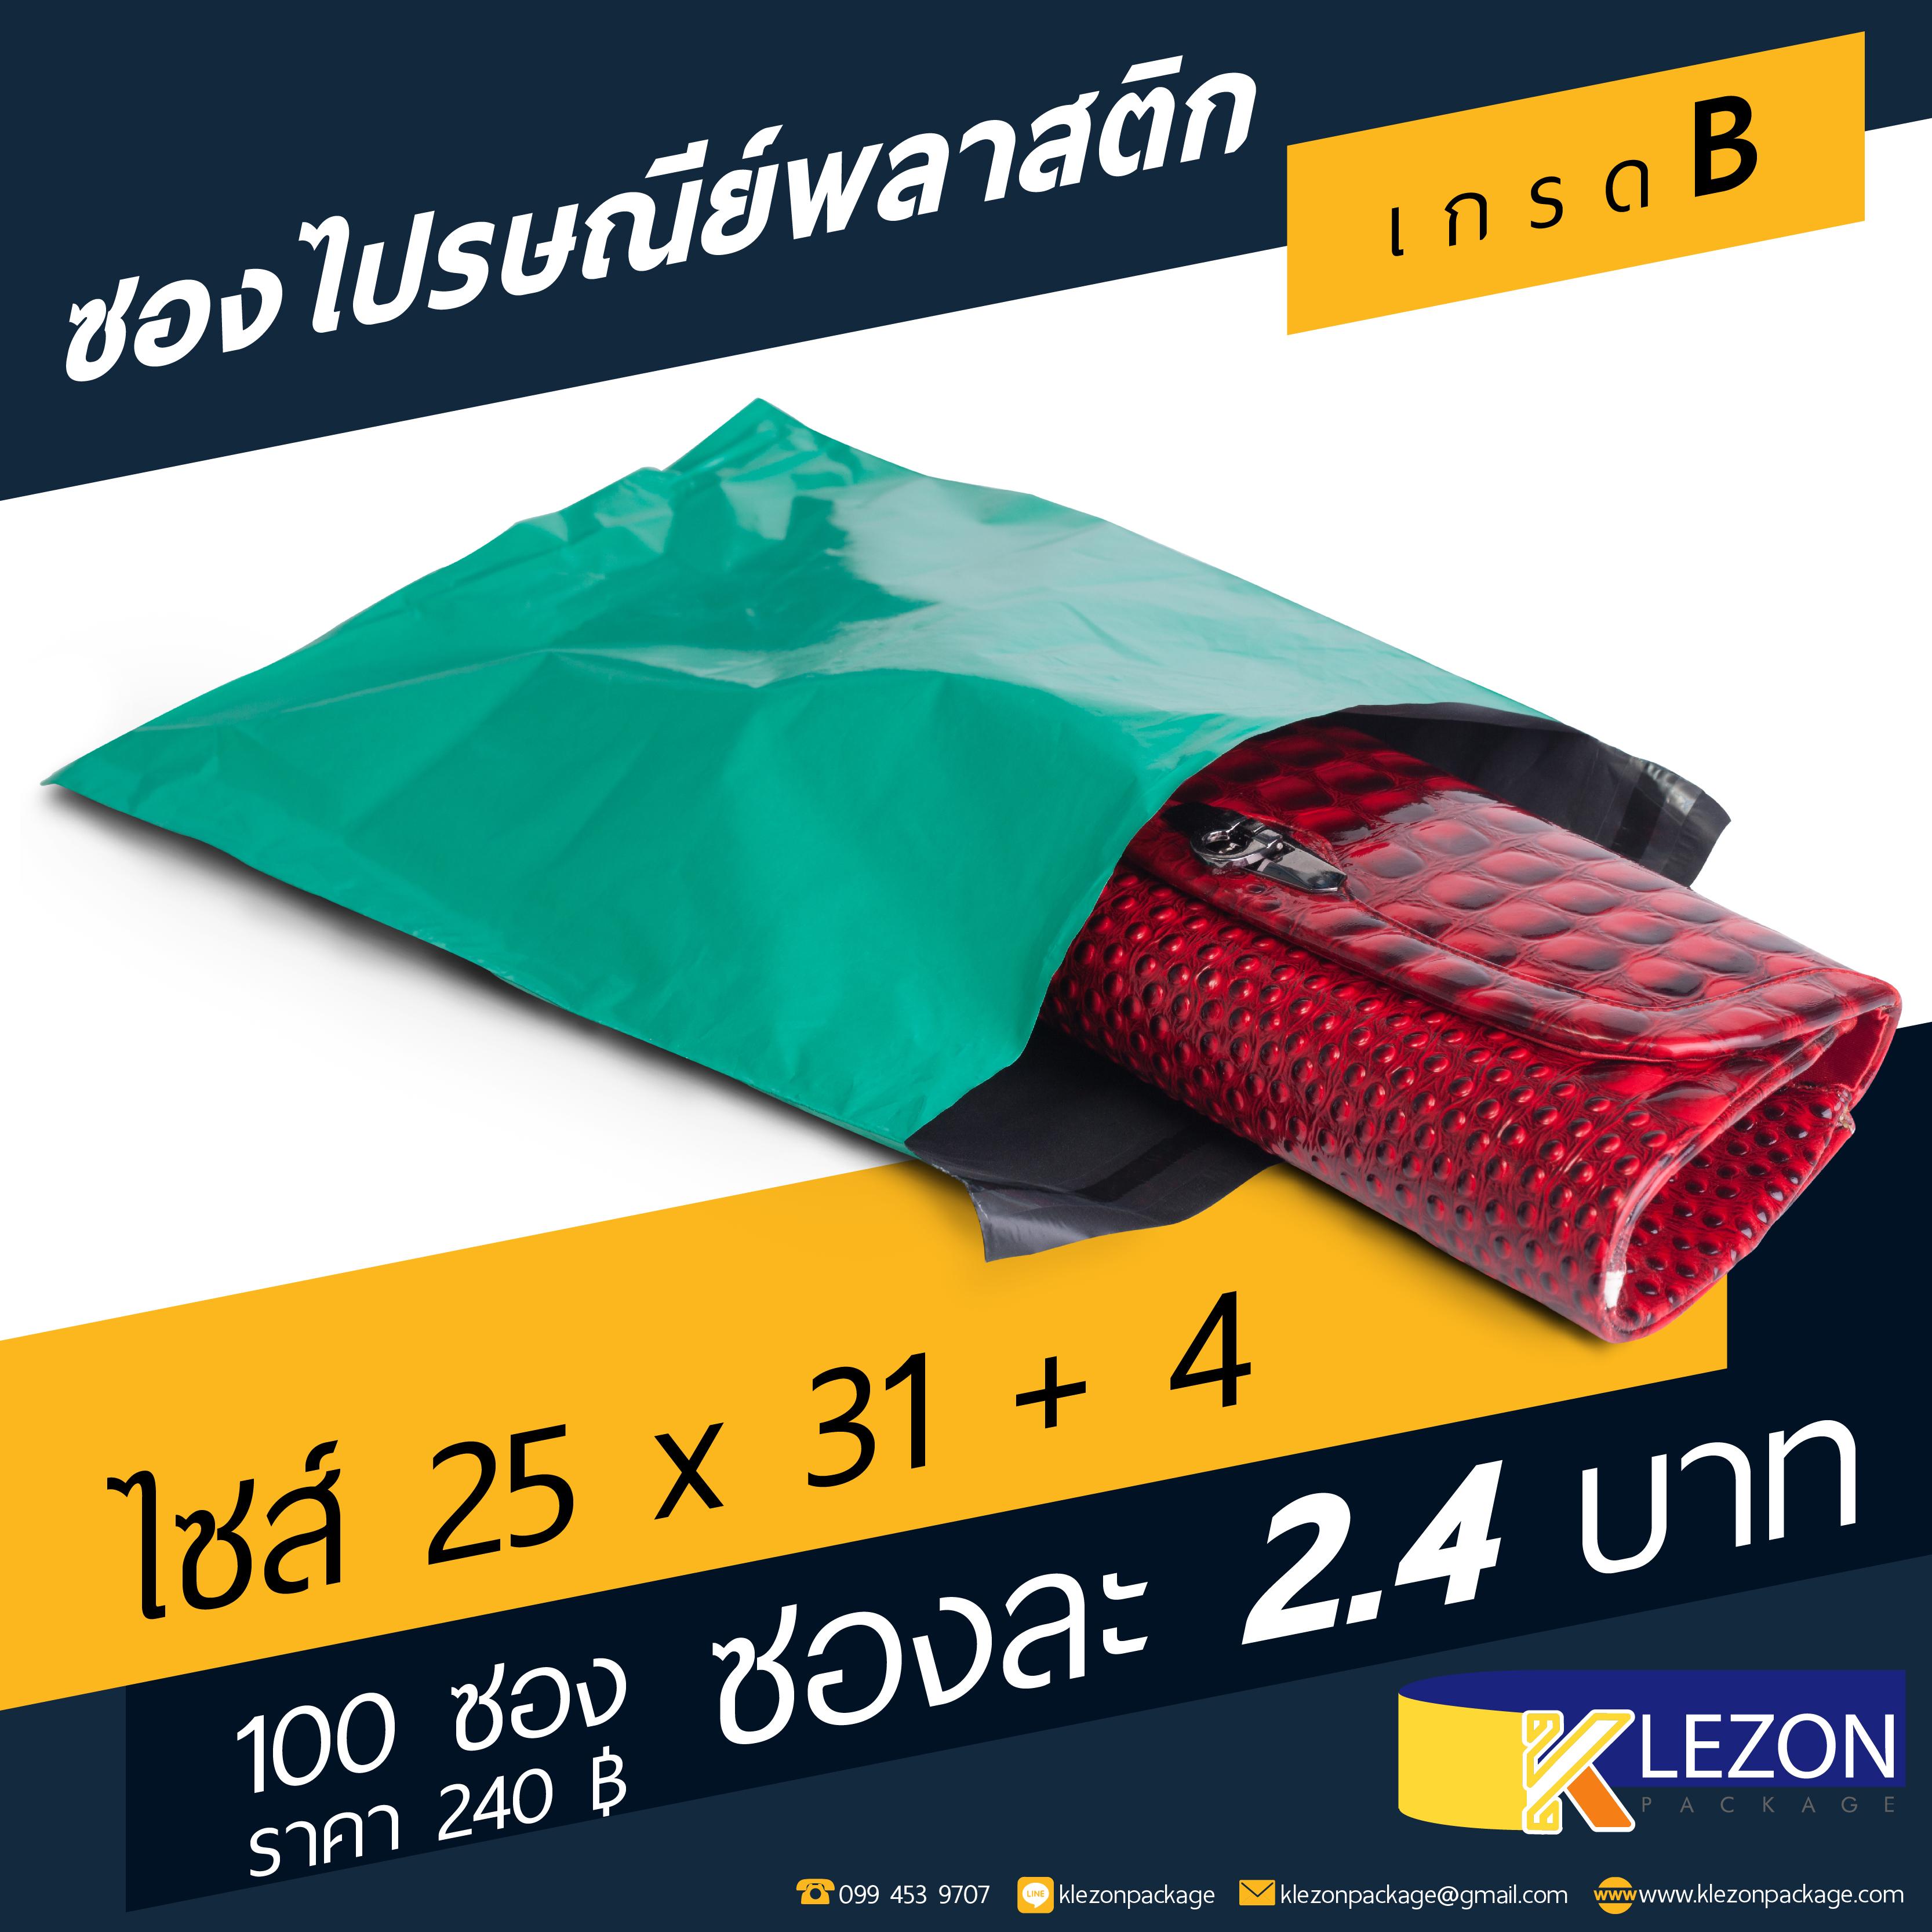 (200ซอง) ซองไปรษณีย์พลาสติก ขนาด (A4) 25x31 cm + แถบกาว 4 cm สีเขียว เกรด B